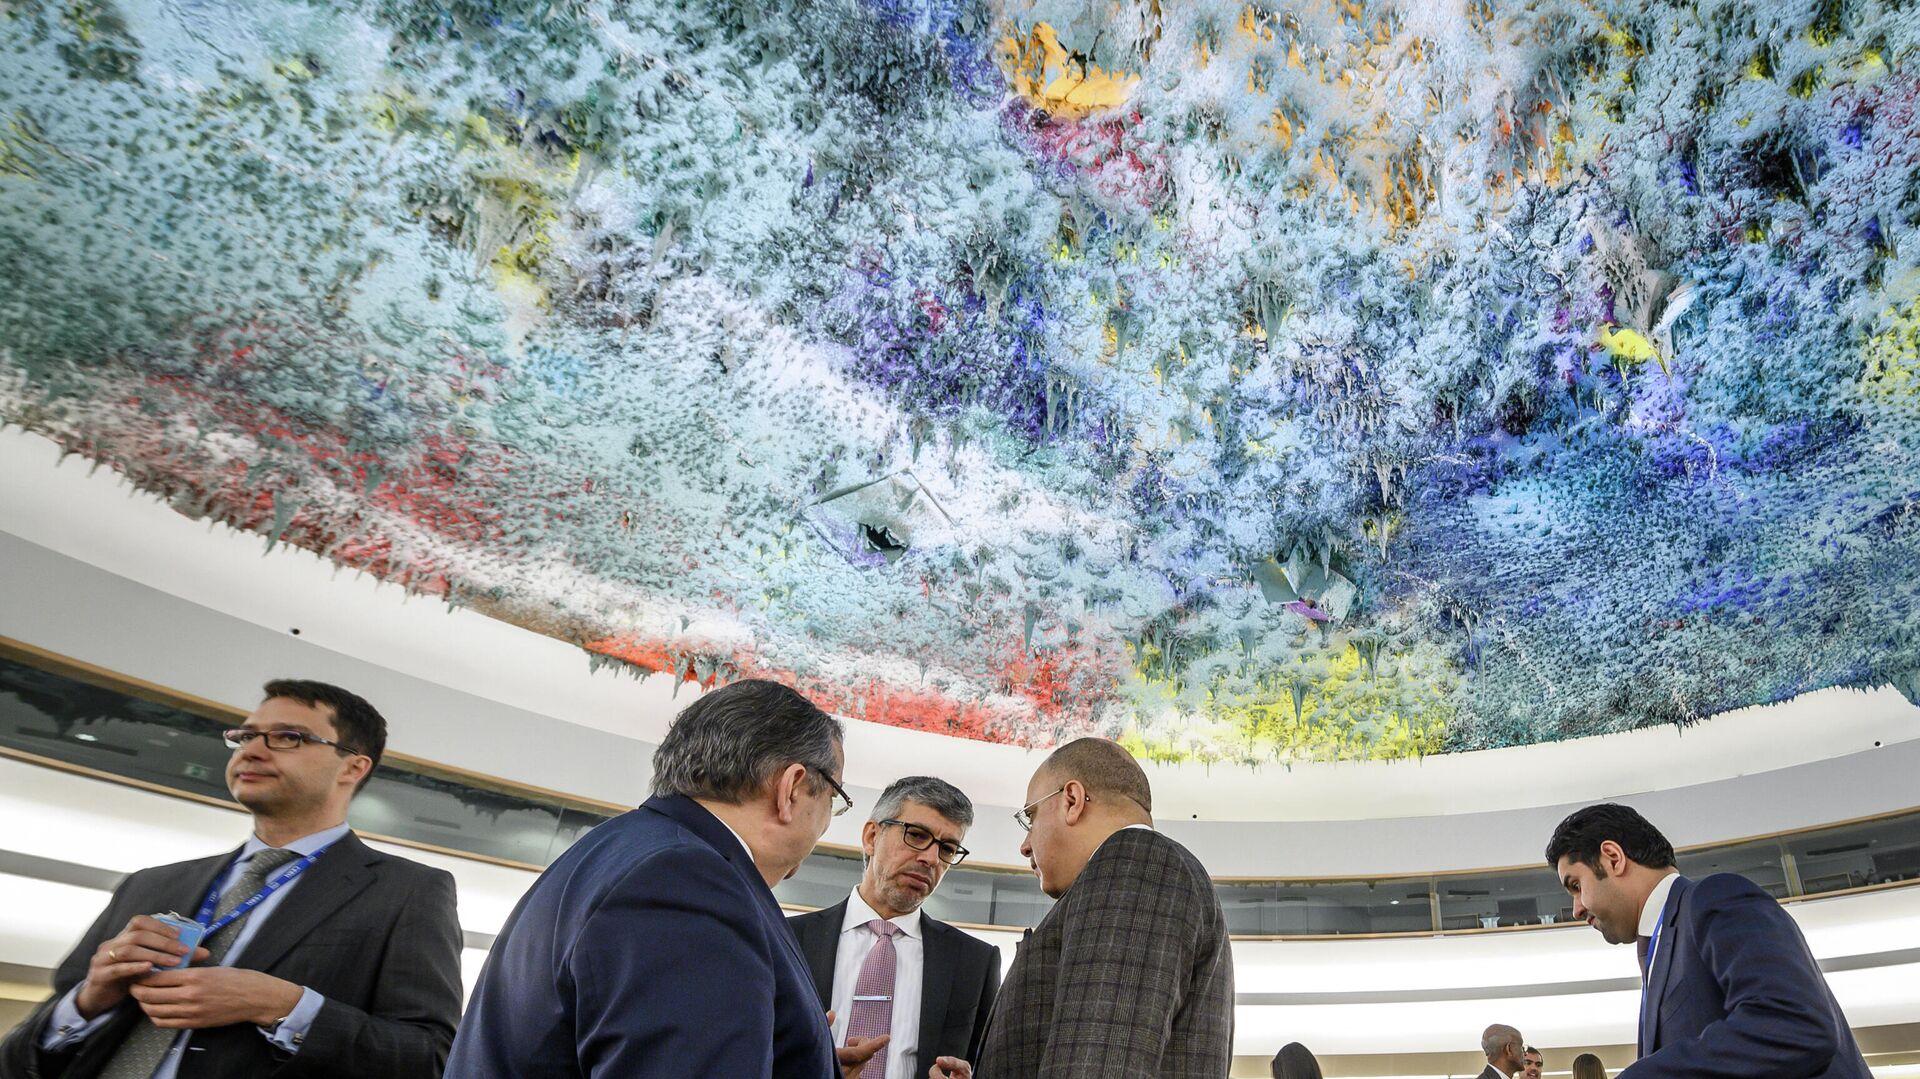 Заседание Совета по правам человека ООН в Женеве - Sputnik Грузия, 1920, 13.10.2021